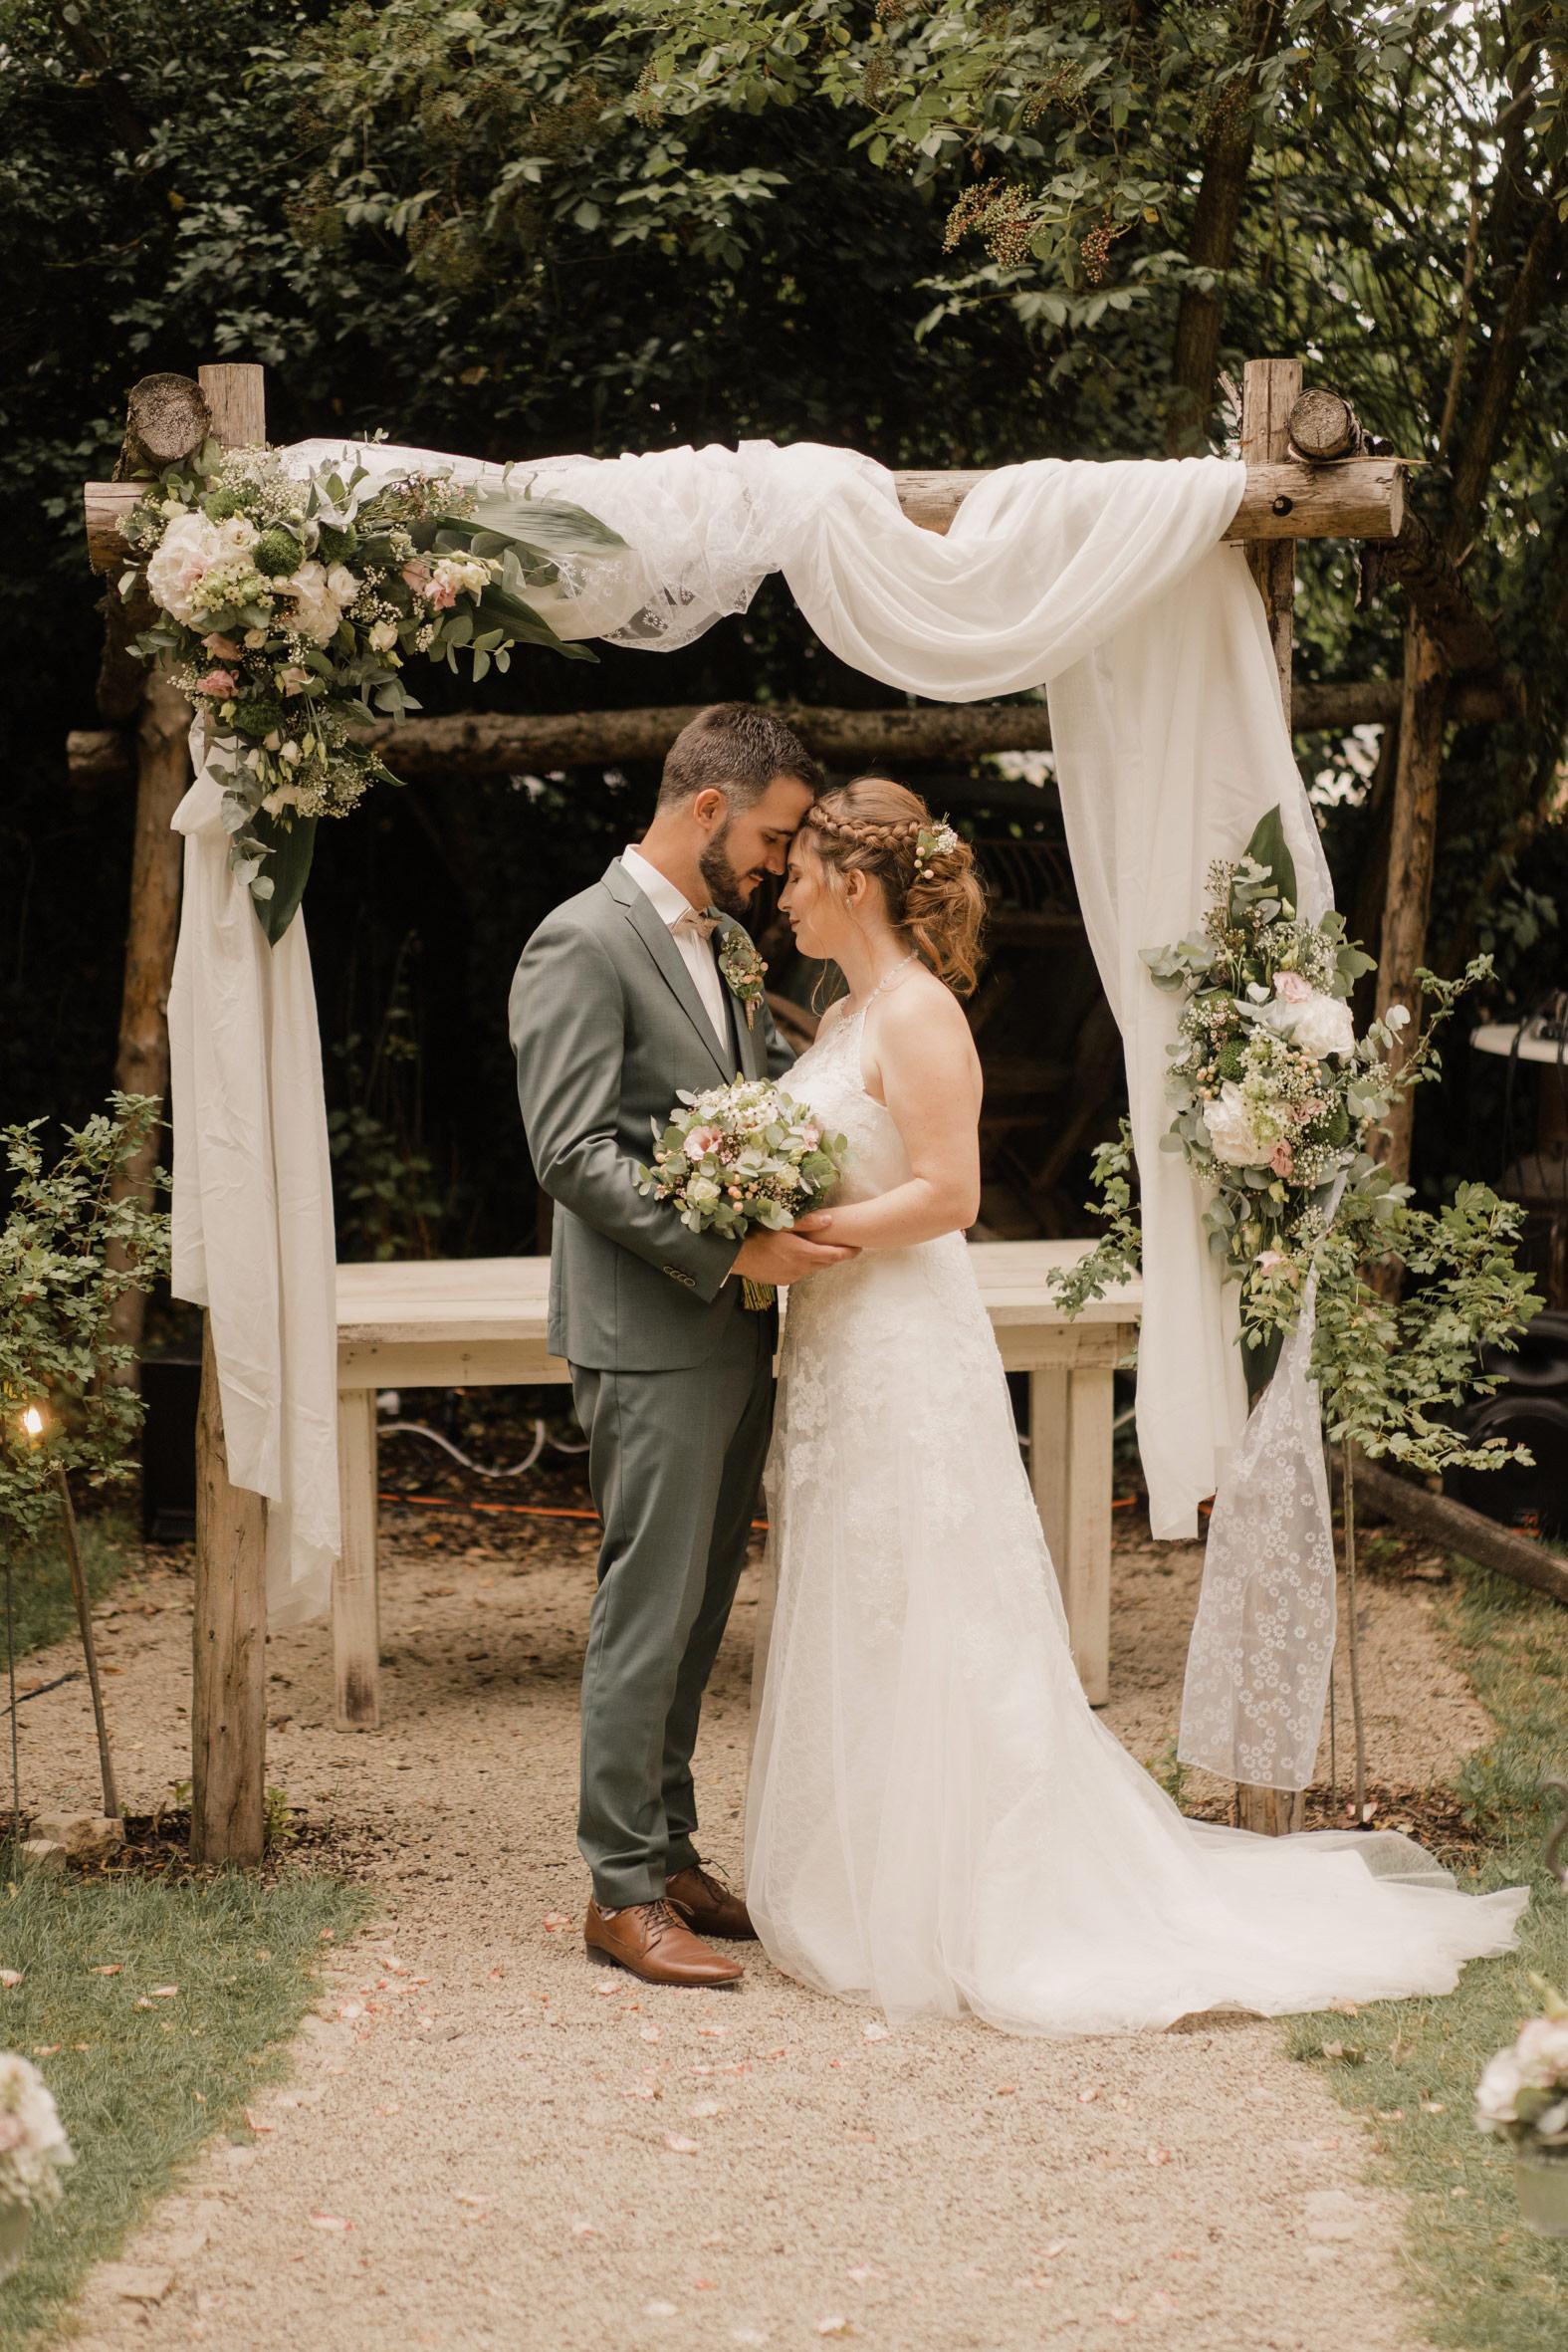 photographe_mariage_luxembourg_schengenerhaff_lorraine_a1